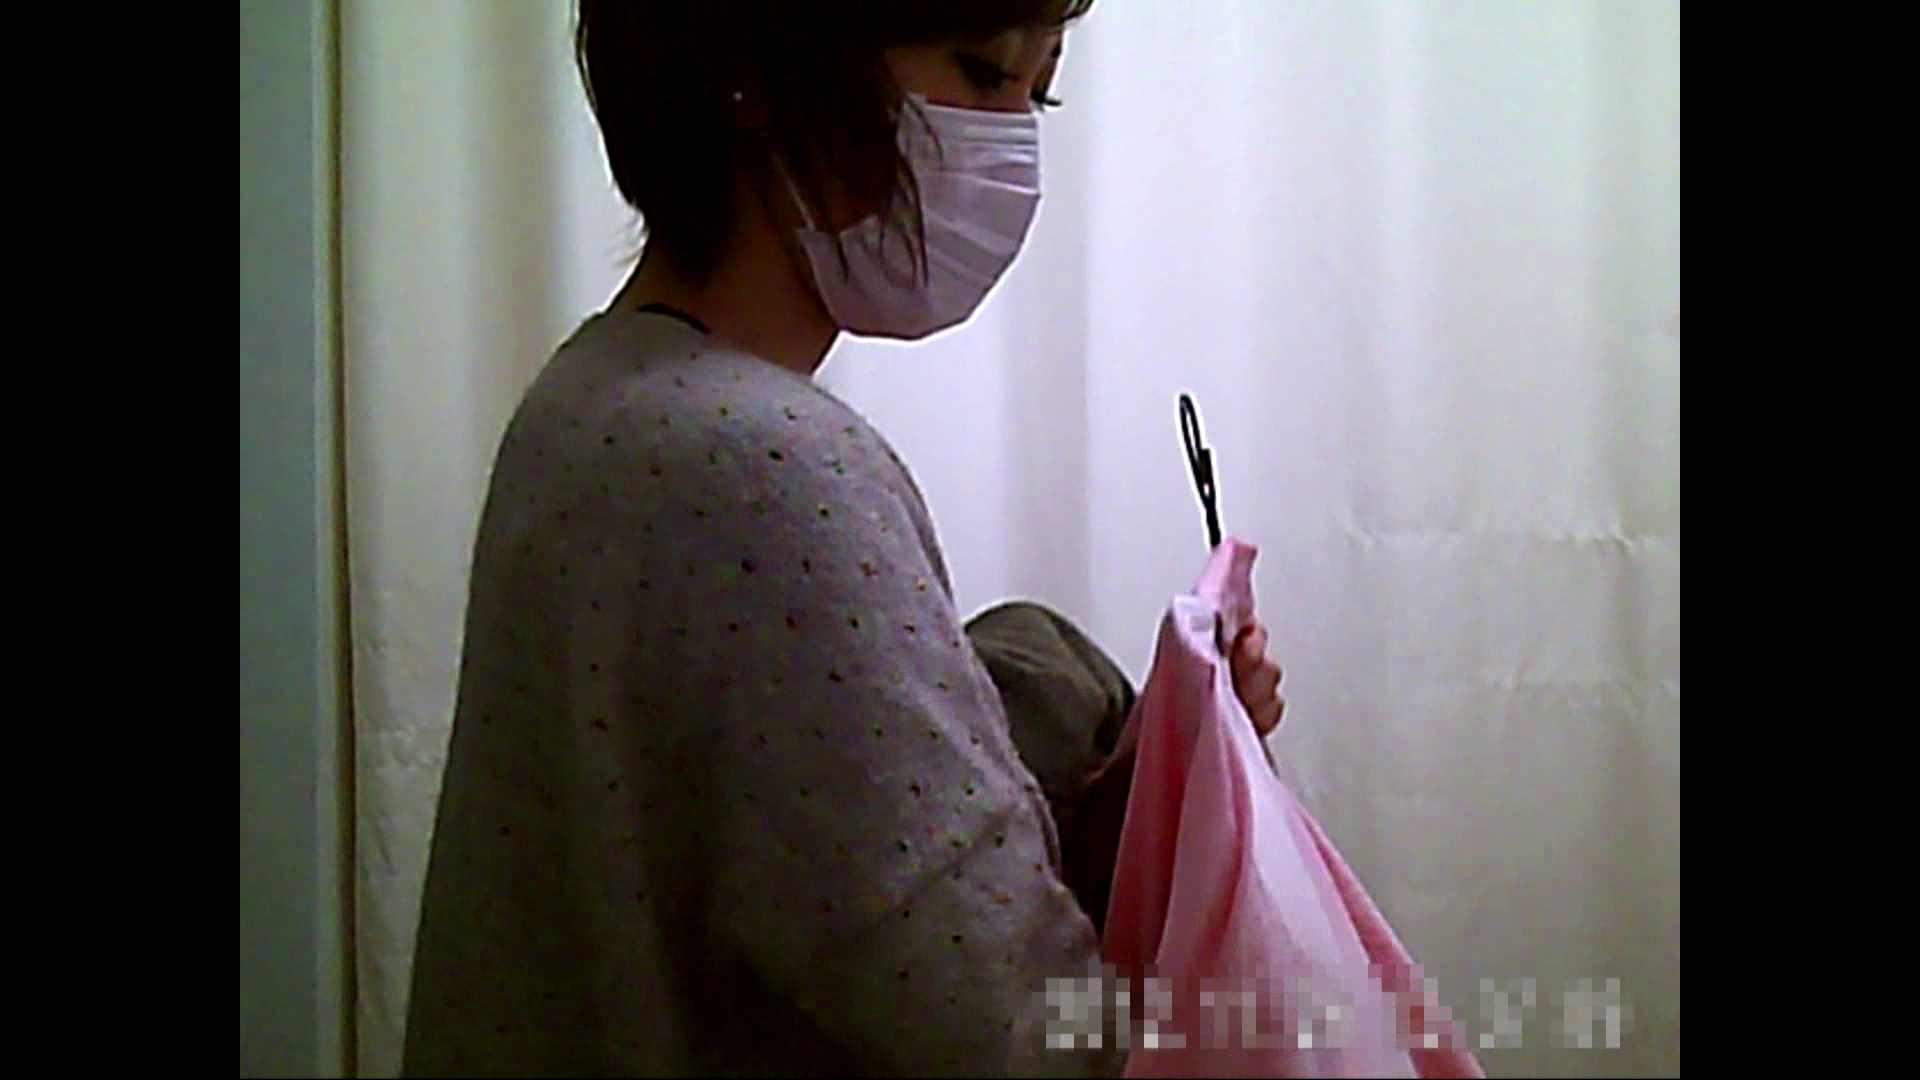 元医者による反抗 更衣室地獄絵巻 vol.137 OL女体 | 0  66連発 49